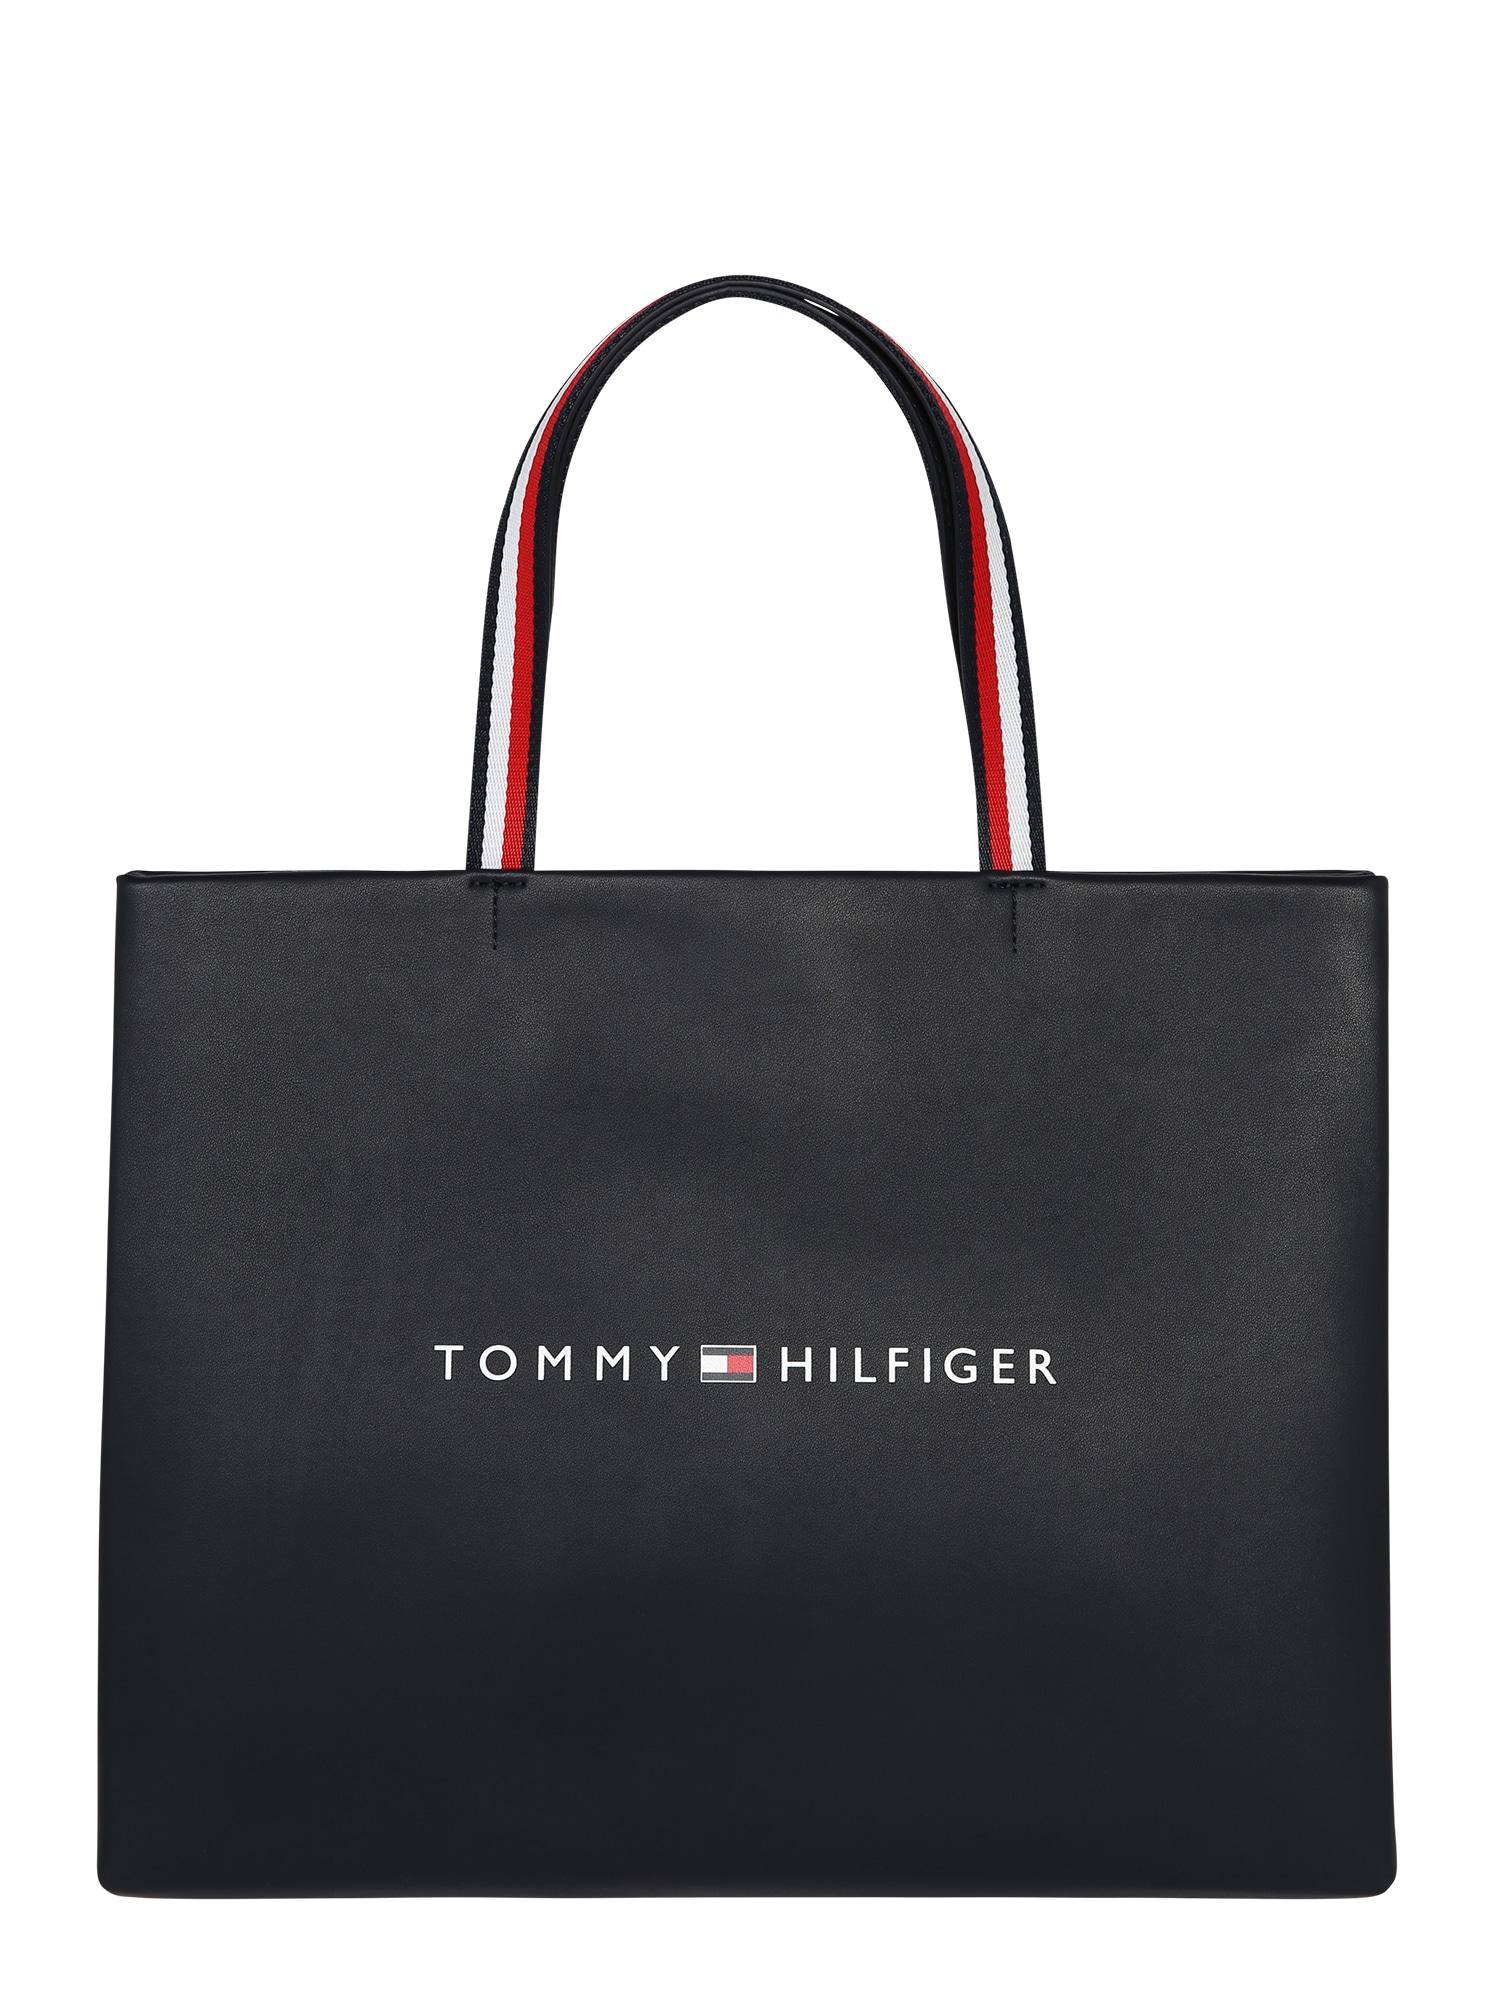 TOMMY HILFIGER Pirkinių krepšys 'TOMMY' mėlyna / raudona / balta